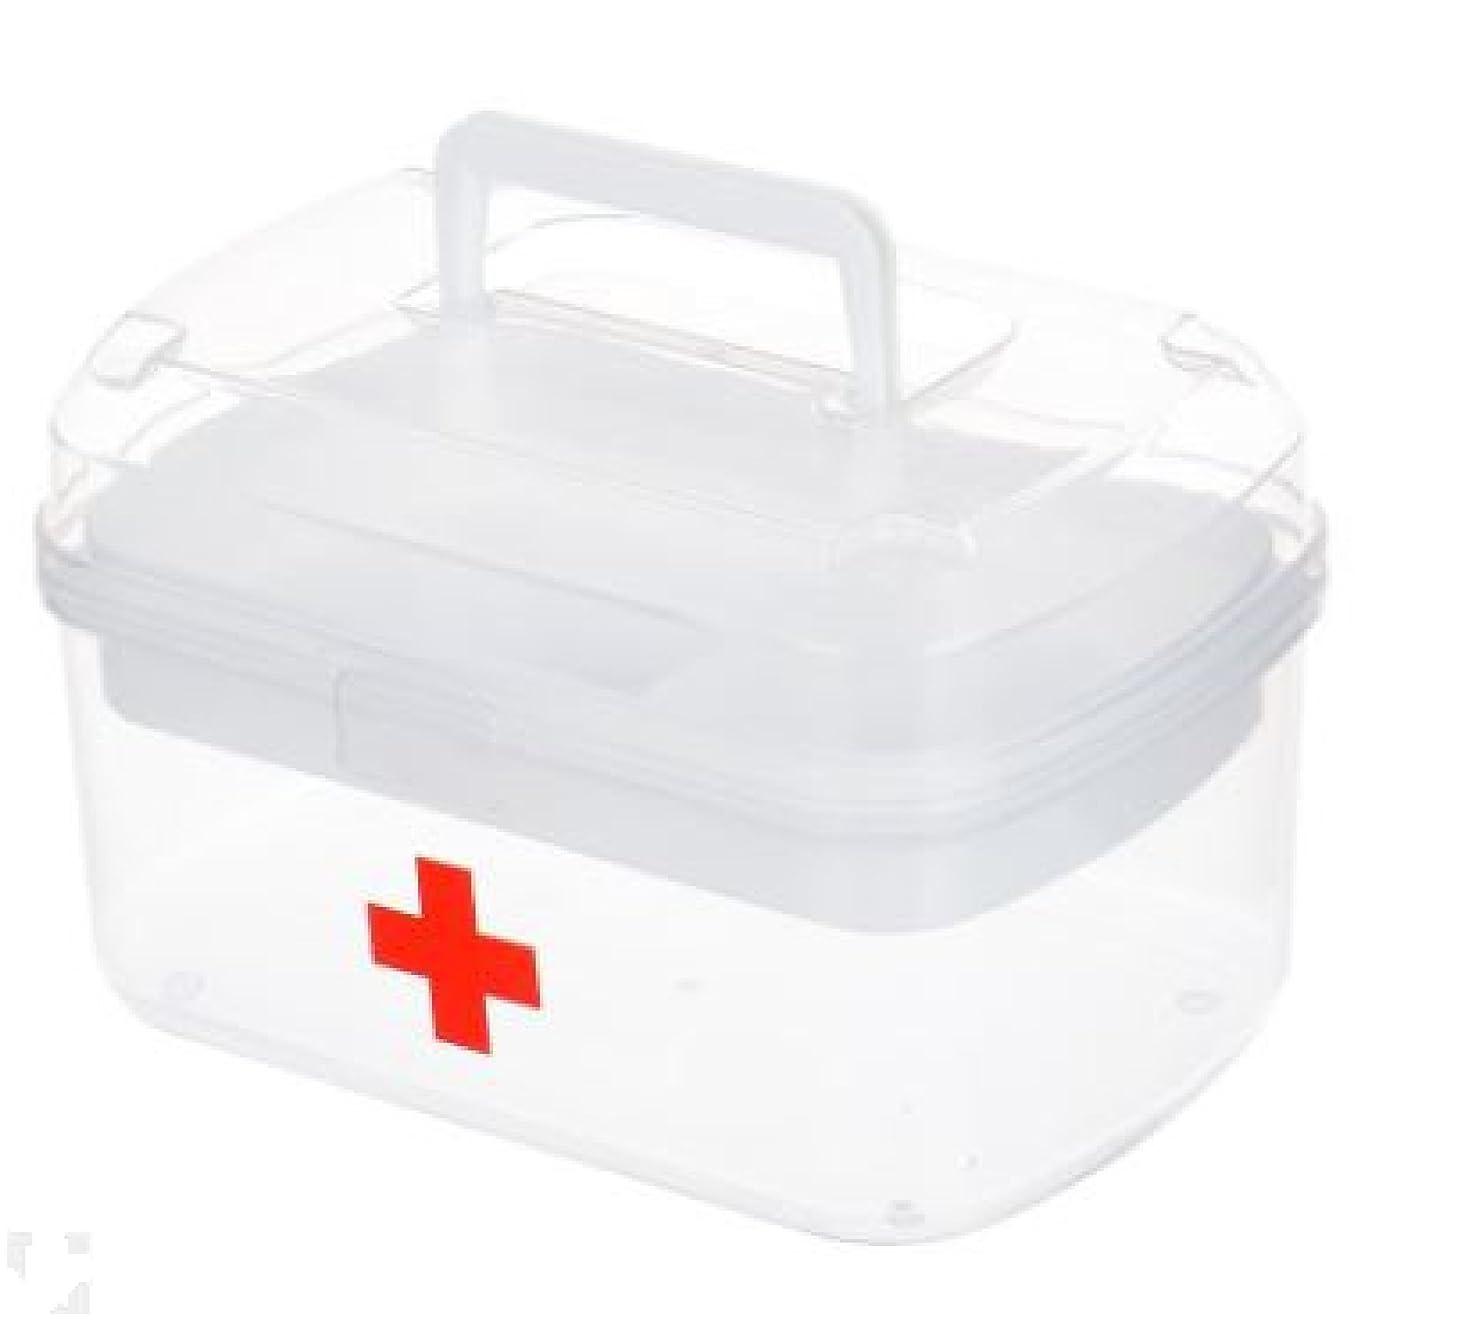 歪める禁止とげ持ち運び 救急箱 応急処置 収納ケース 大容量 薬箱 櫻文庫